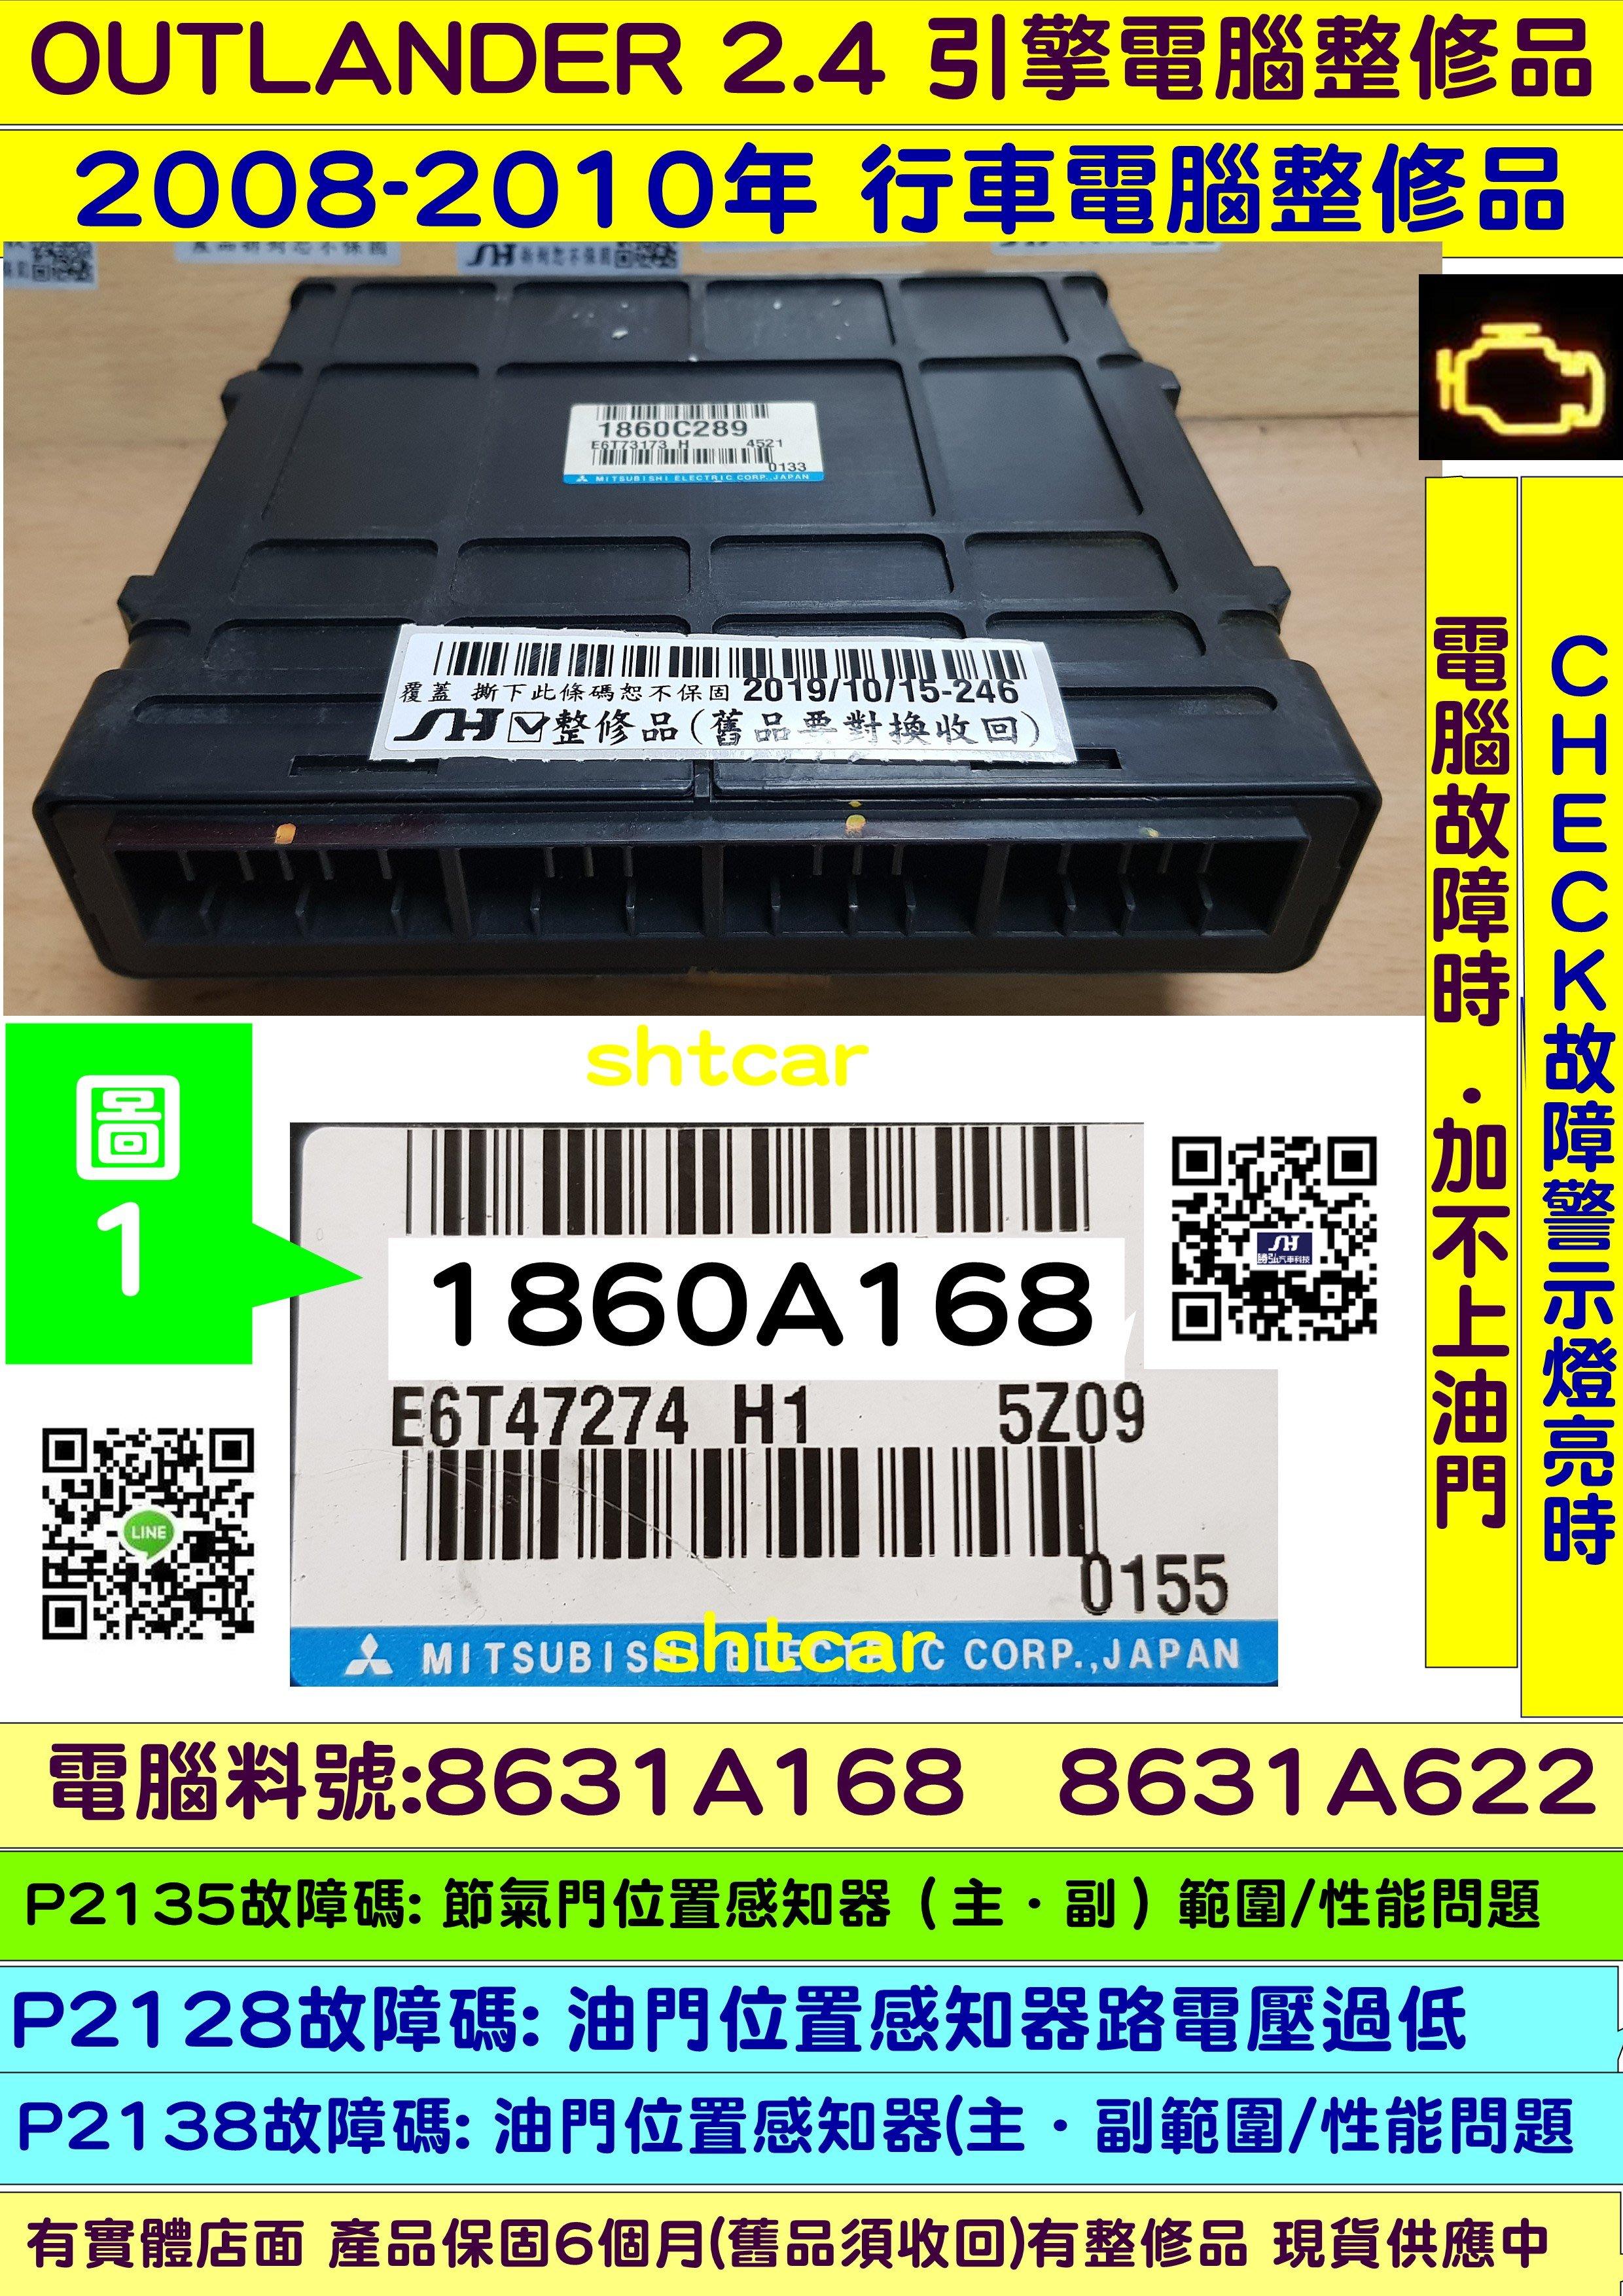 三菱 OUTLANDER 2.4  引擎電腦 2008-  8631A168 ECM ECU 行車電腦 維修  圖1